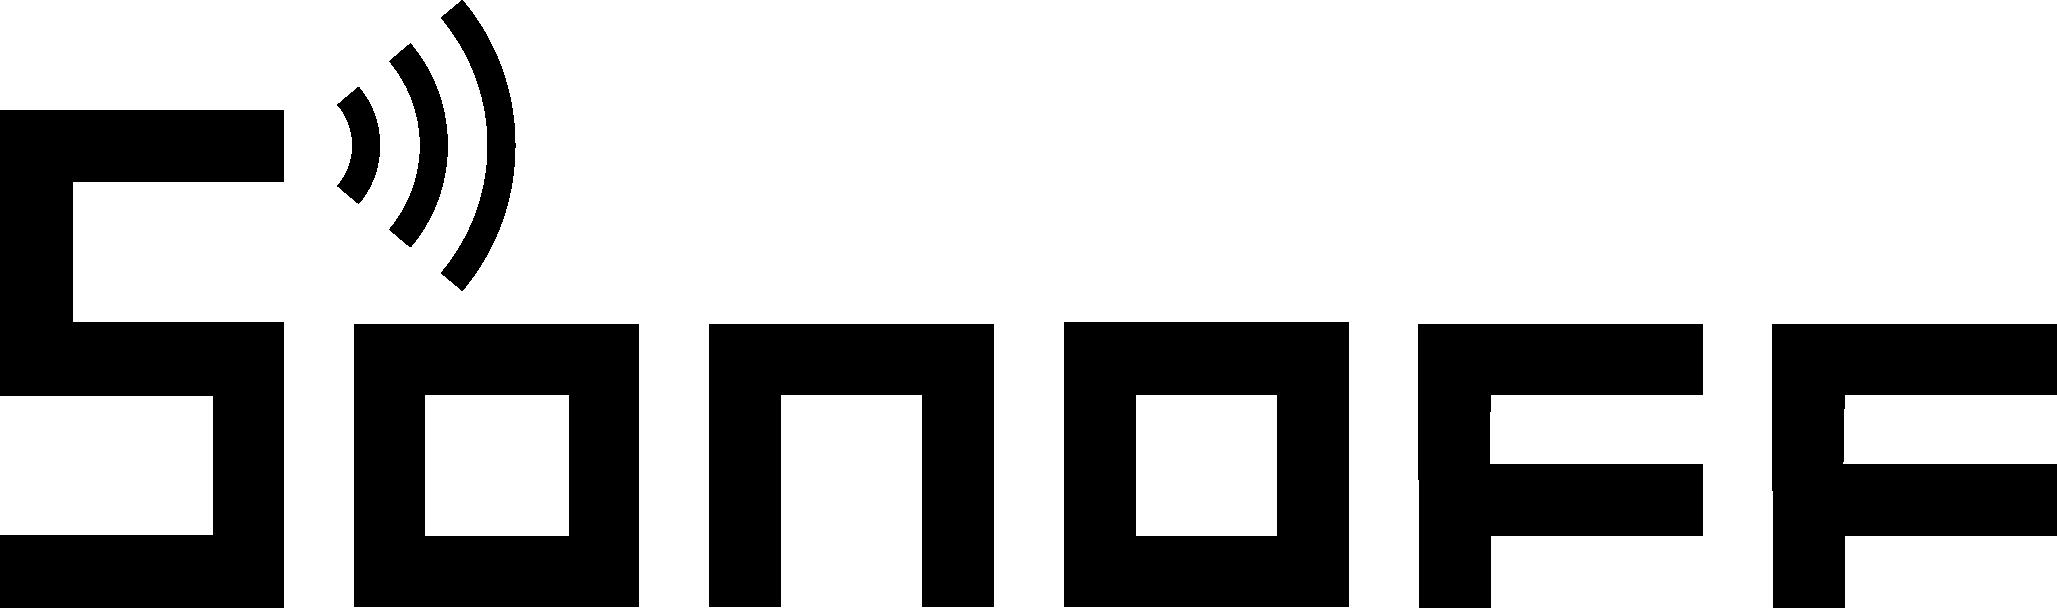 Sonoff.cl - Distribuidores Oficiales